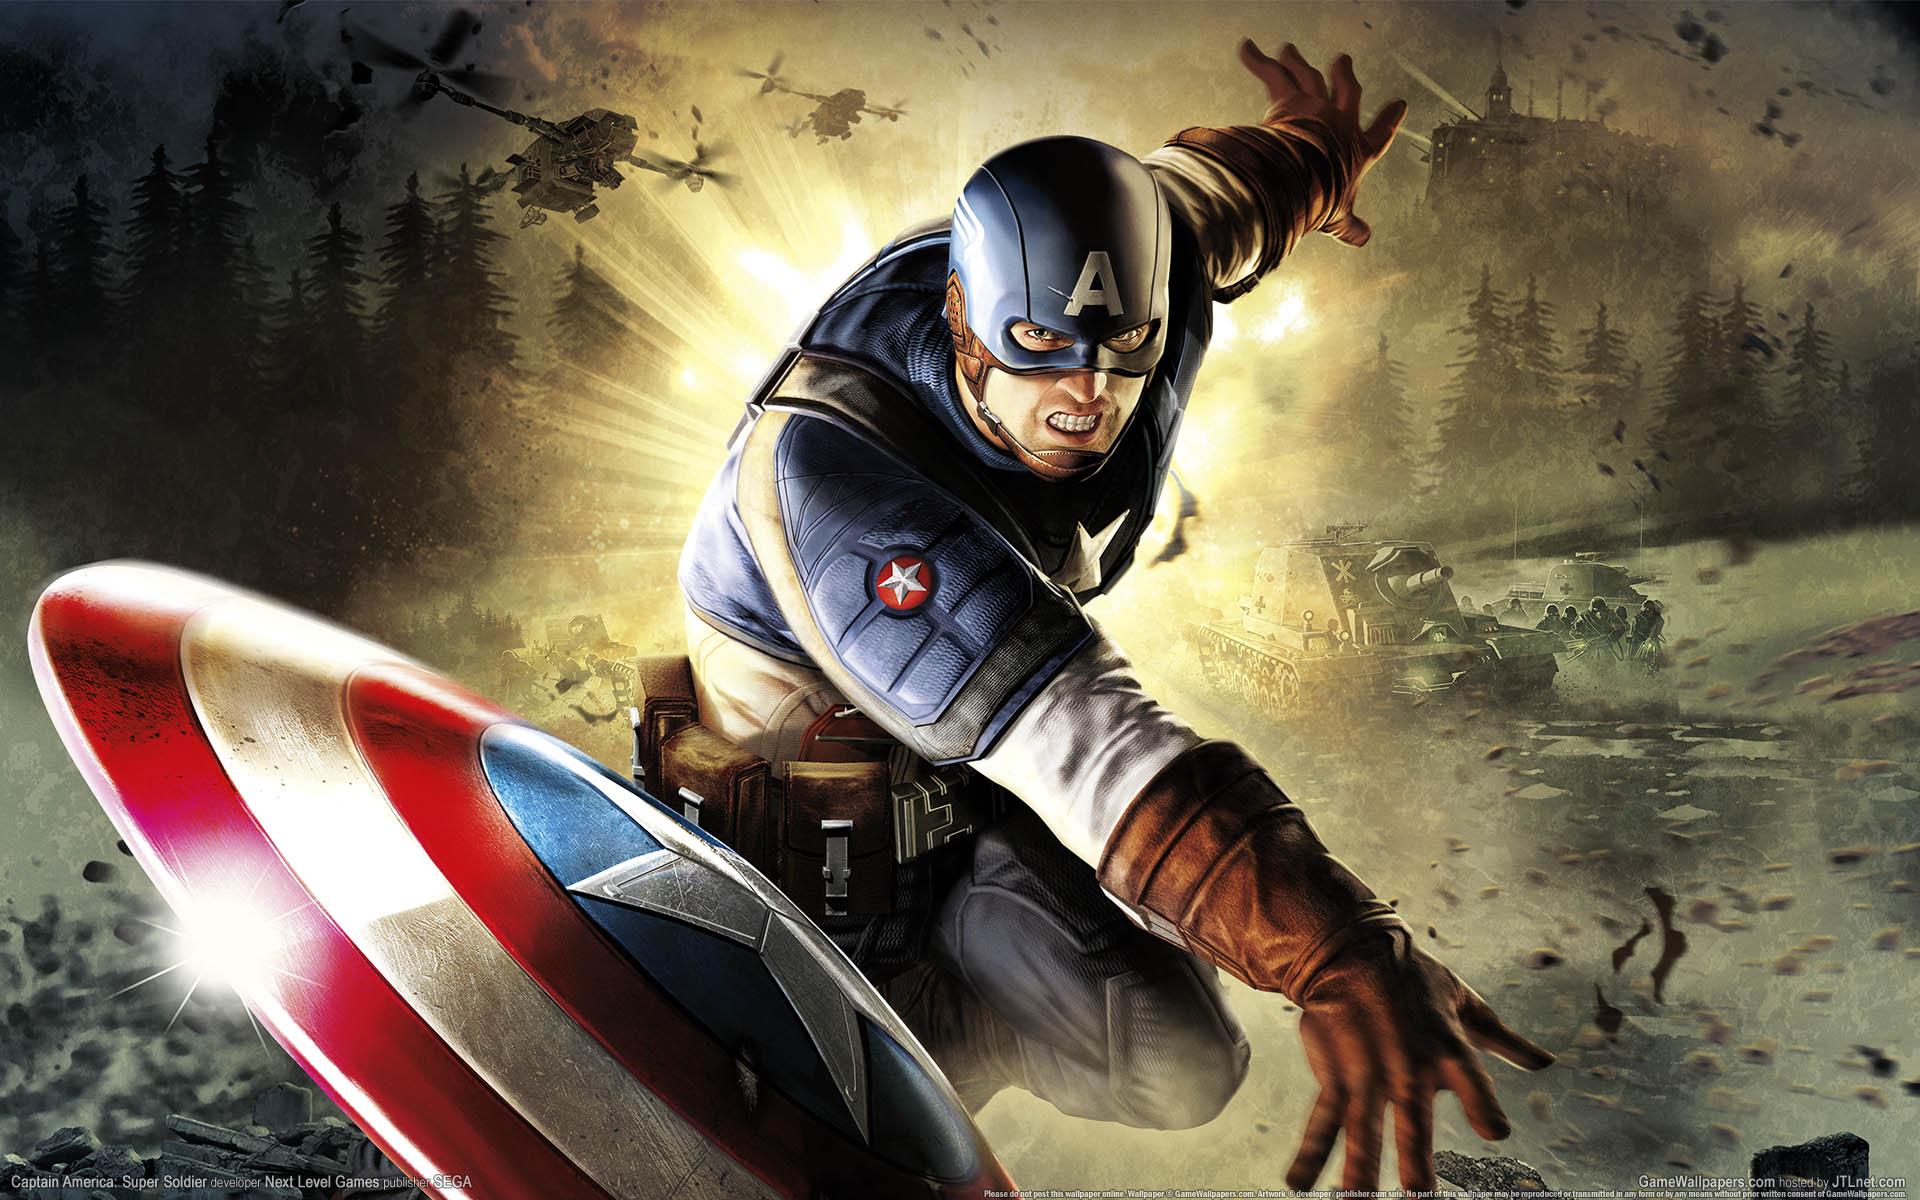 Капитан америка, солдат, скачать фото, обои на рабочий стол, captain america wallpaper